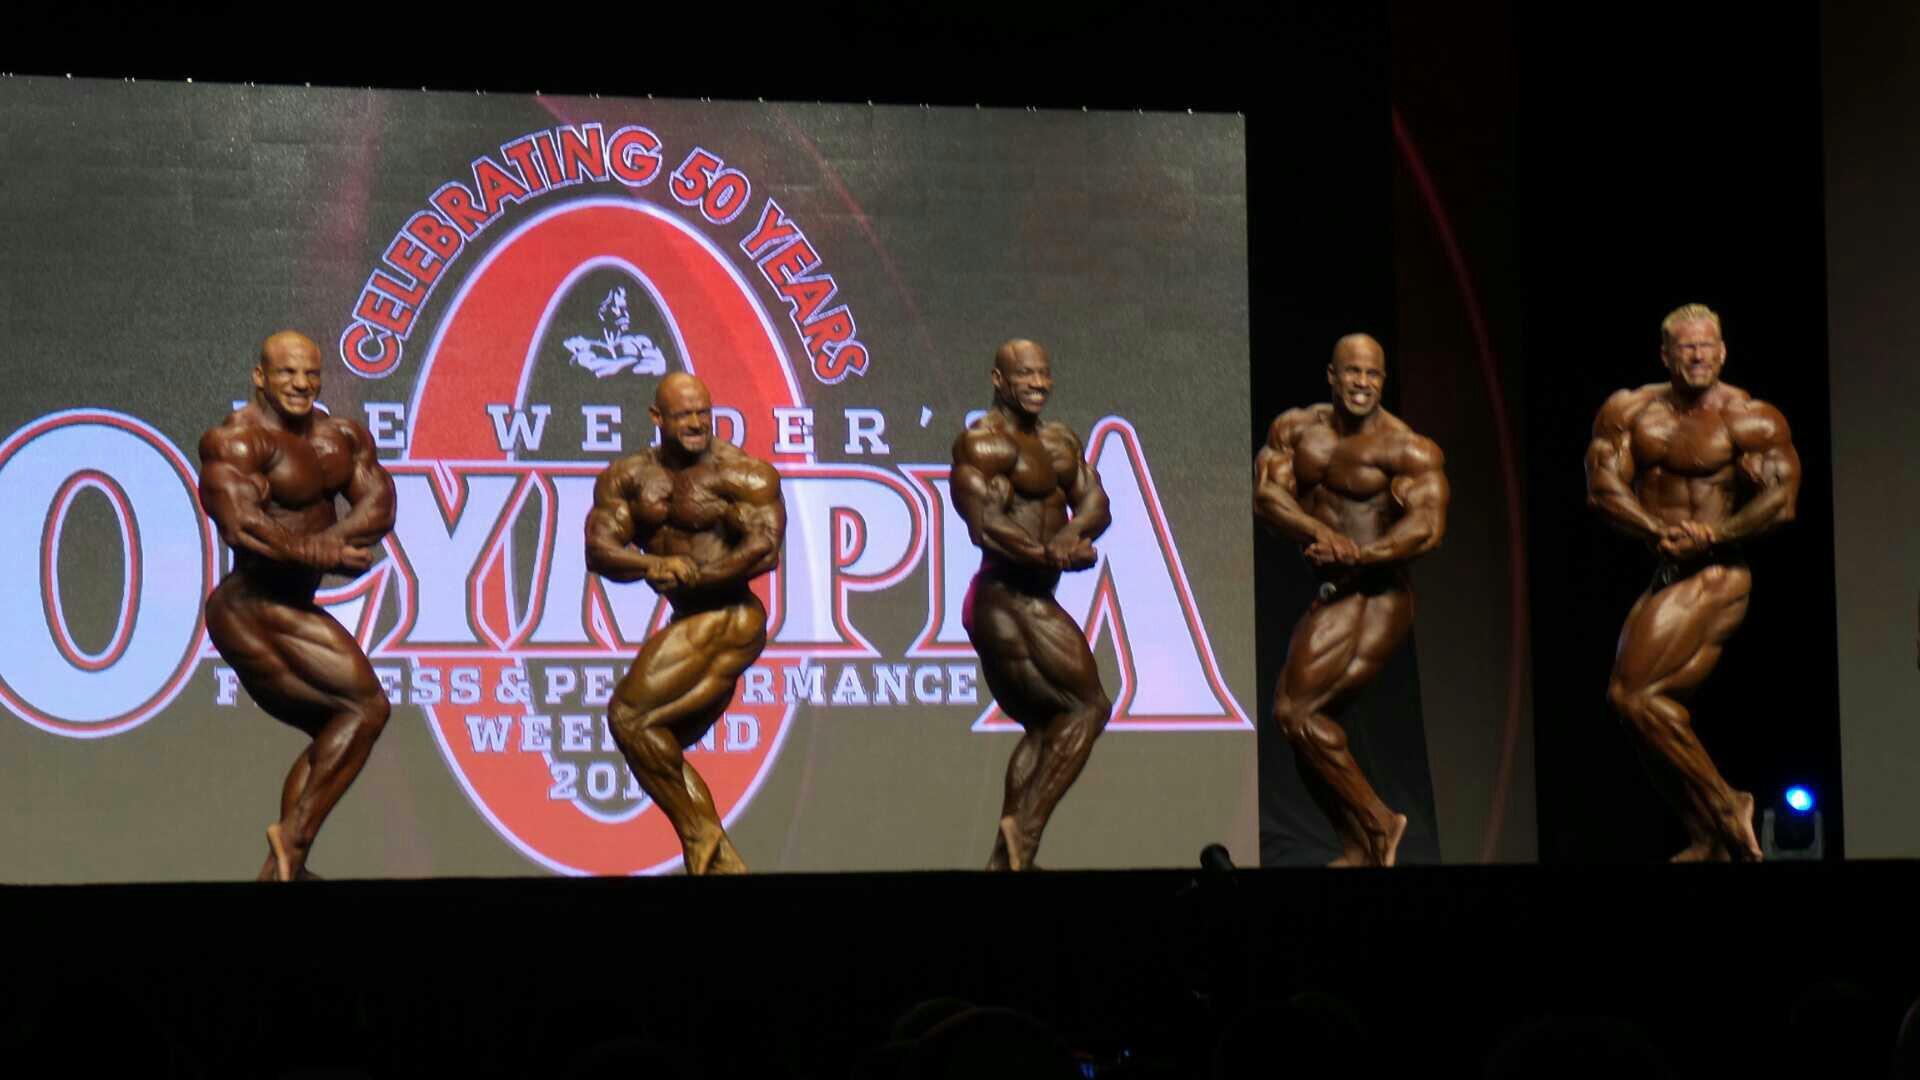 Mr. Olympia 2014 Webcast Je3yhasa